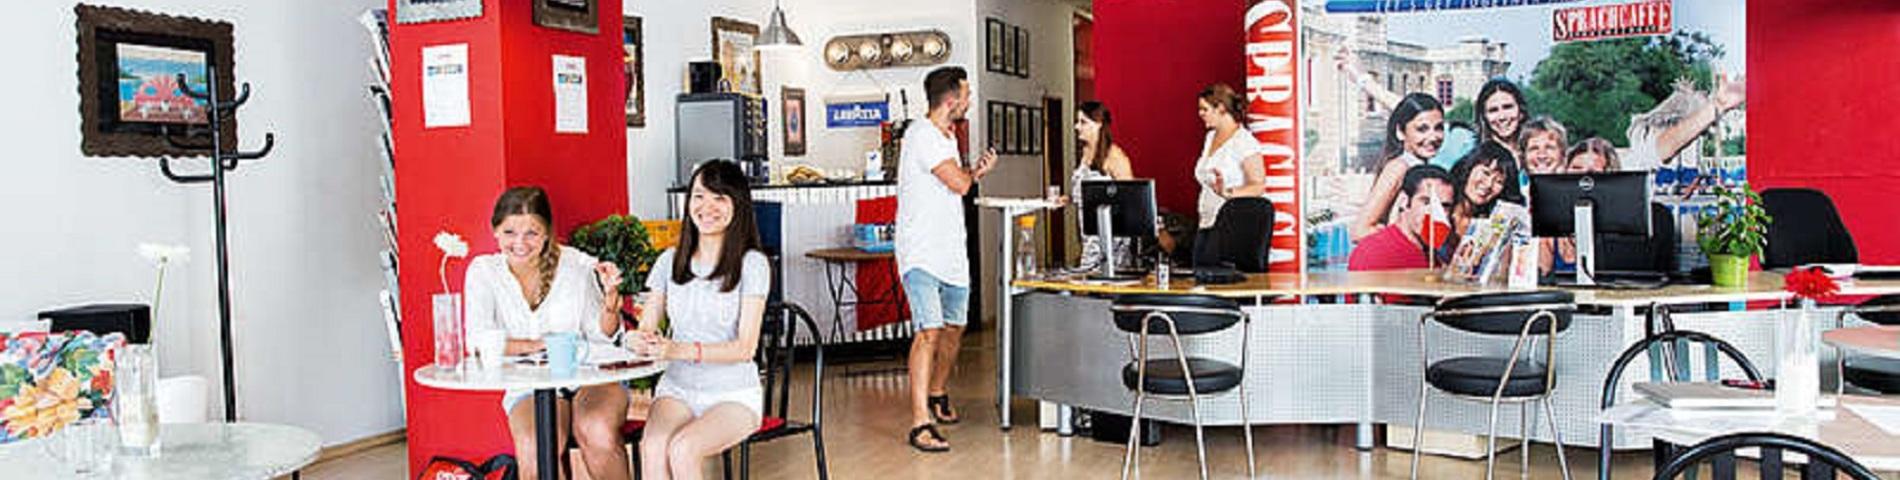 Sprachcaffe kép 1